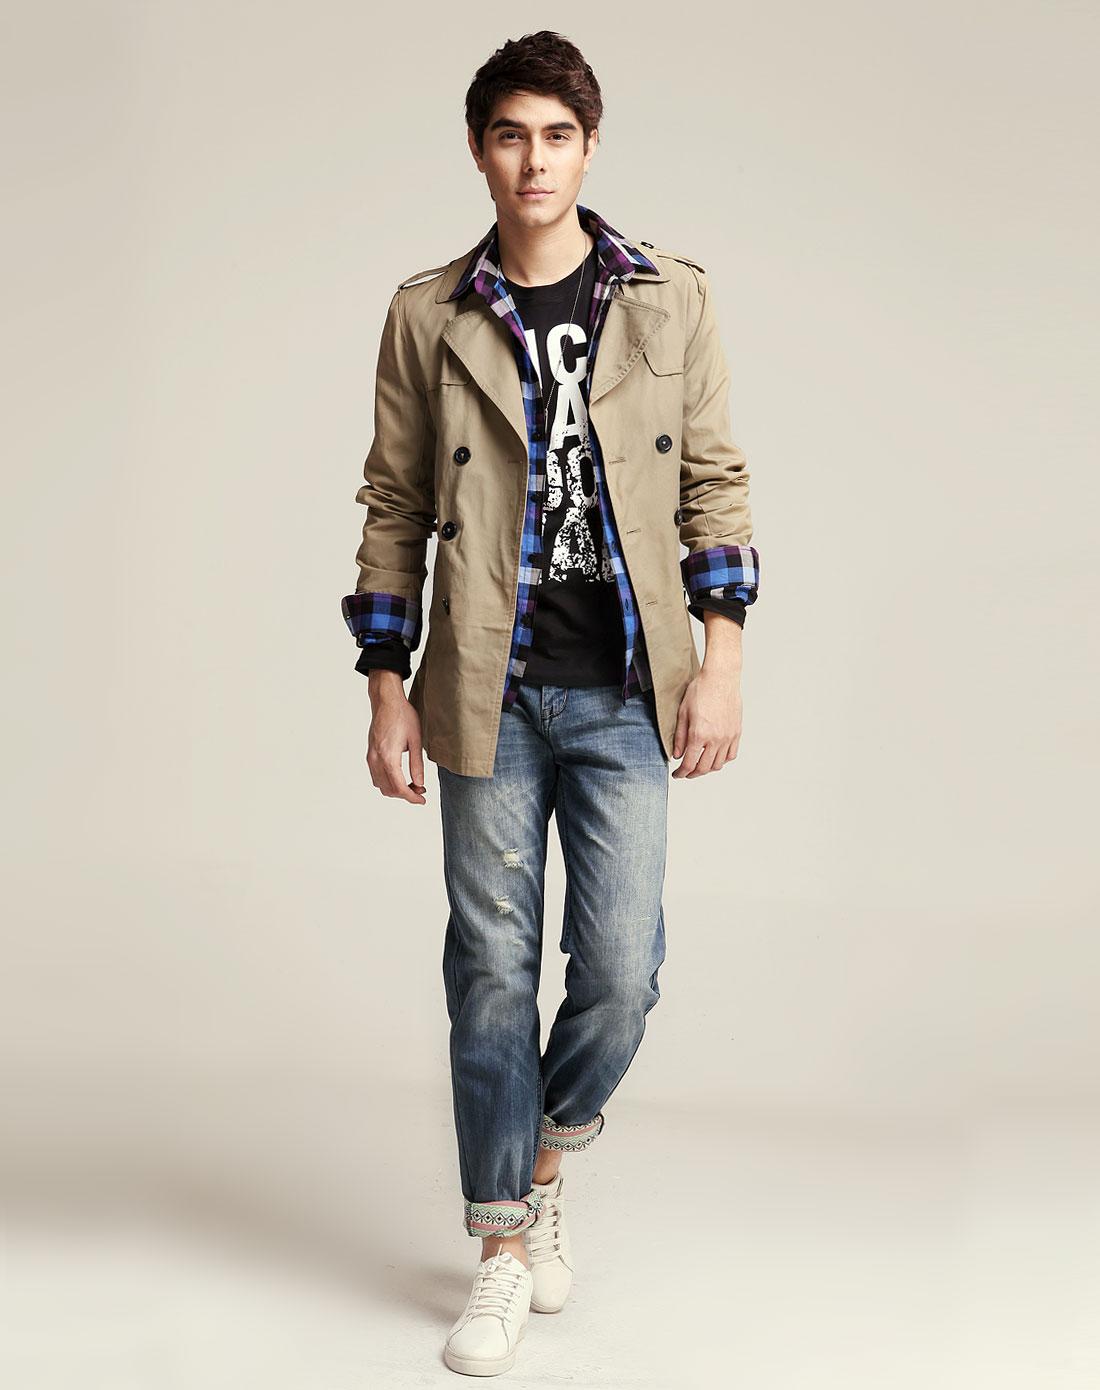 男士韩版腰带羊毛呢子英伦修身风衣外套怎么搭 – 手机爱问